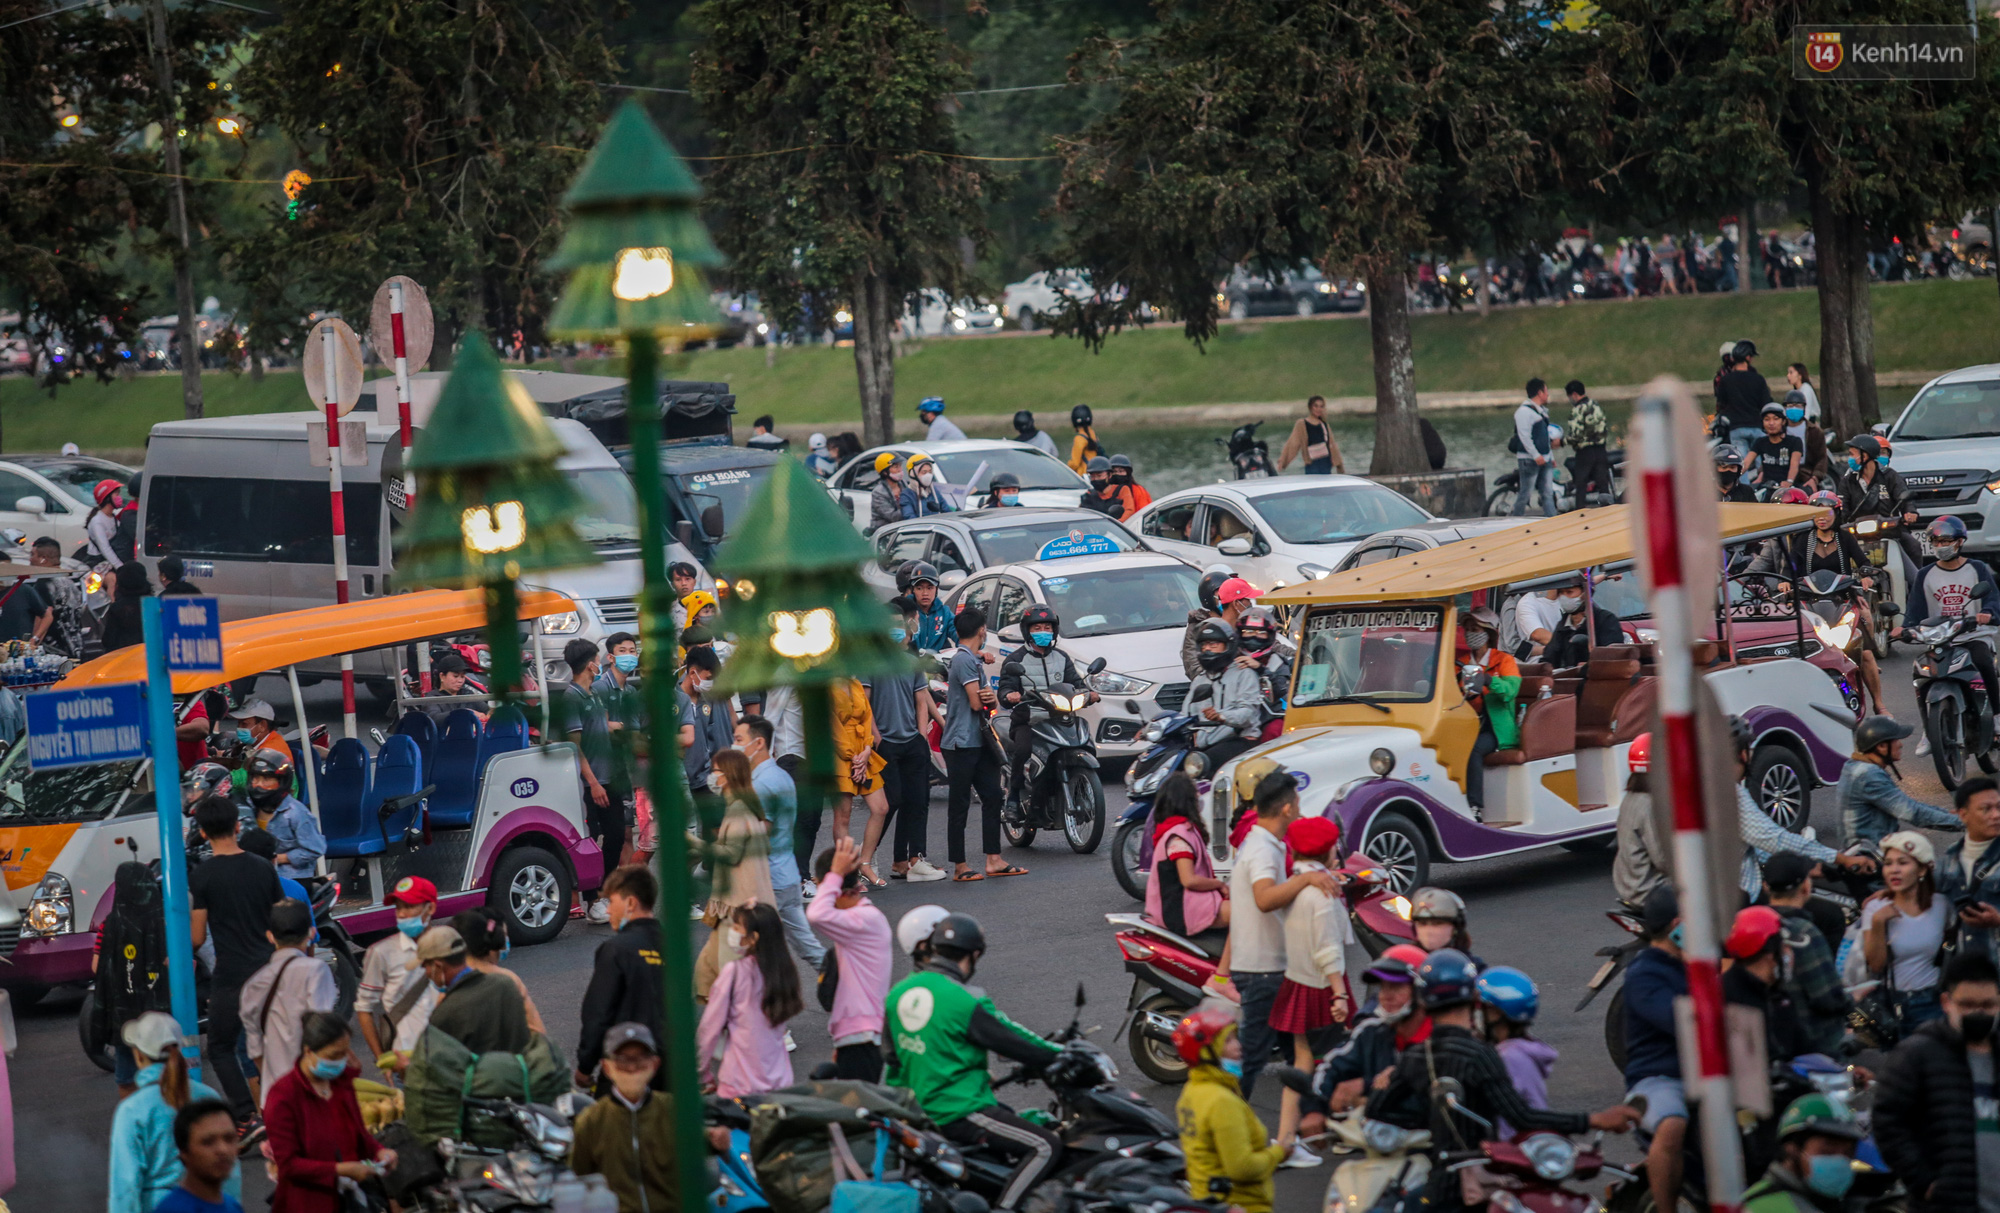 Trung tâm TP. Đà Lạt tê liệt từ chiều đến tối do lượng du khách tăng đột biến dịp lễ 30/4 - Ảnh 2.